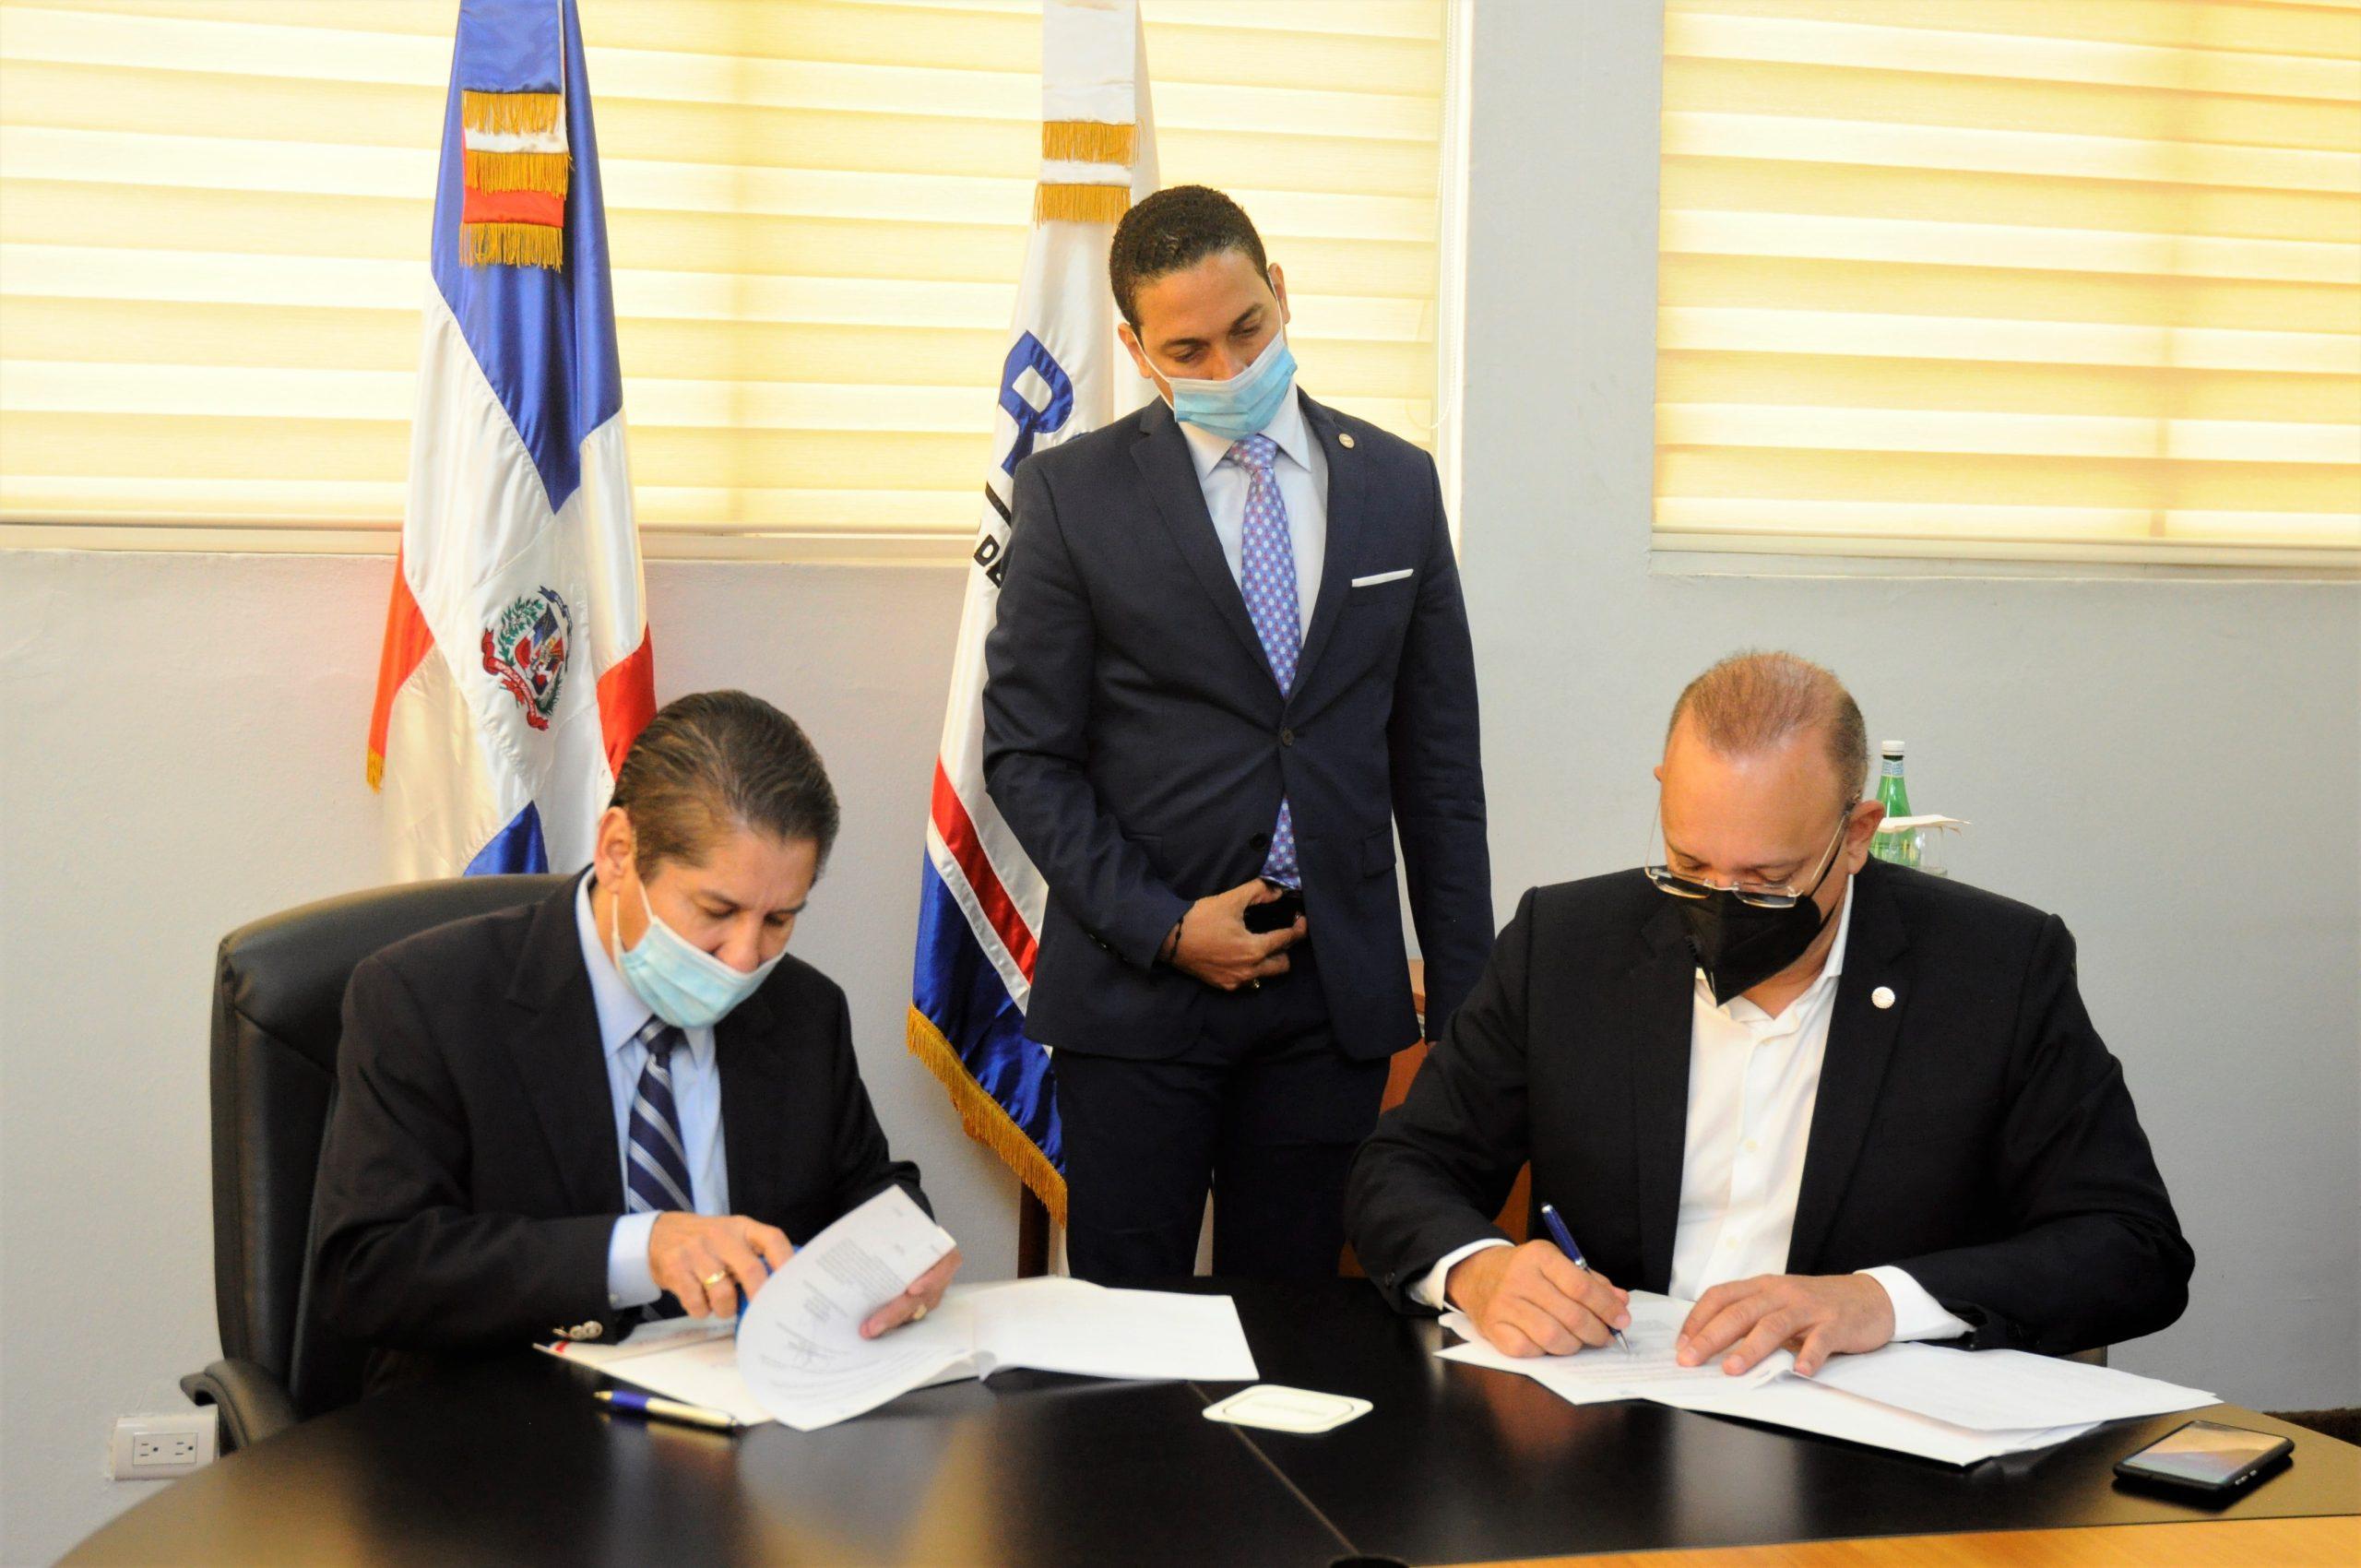 José Aníbal Vargas y Ulises Rodríguez cuando proceden a firmar el acuerdo.